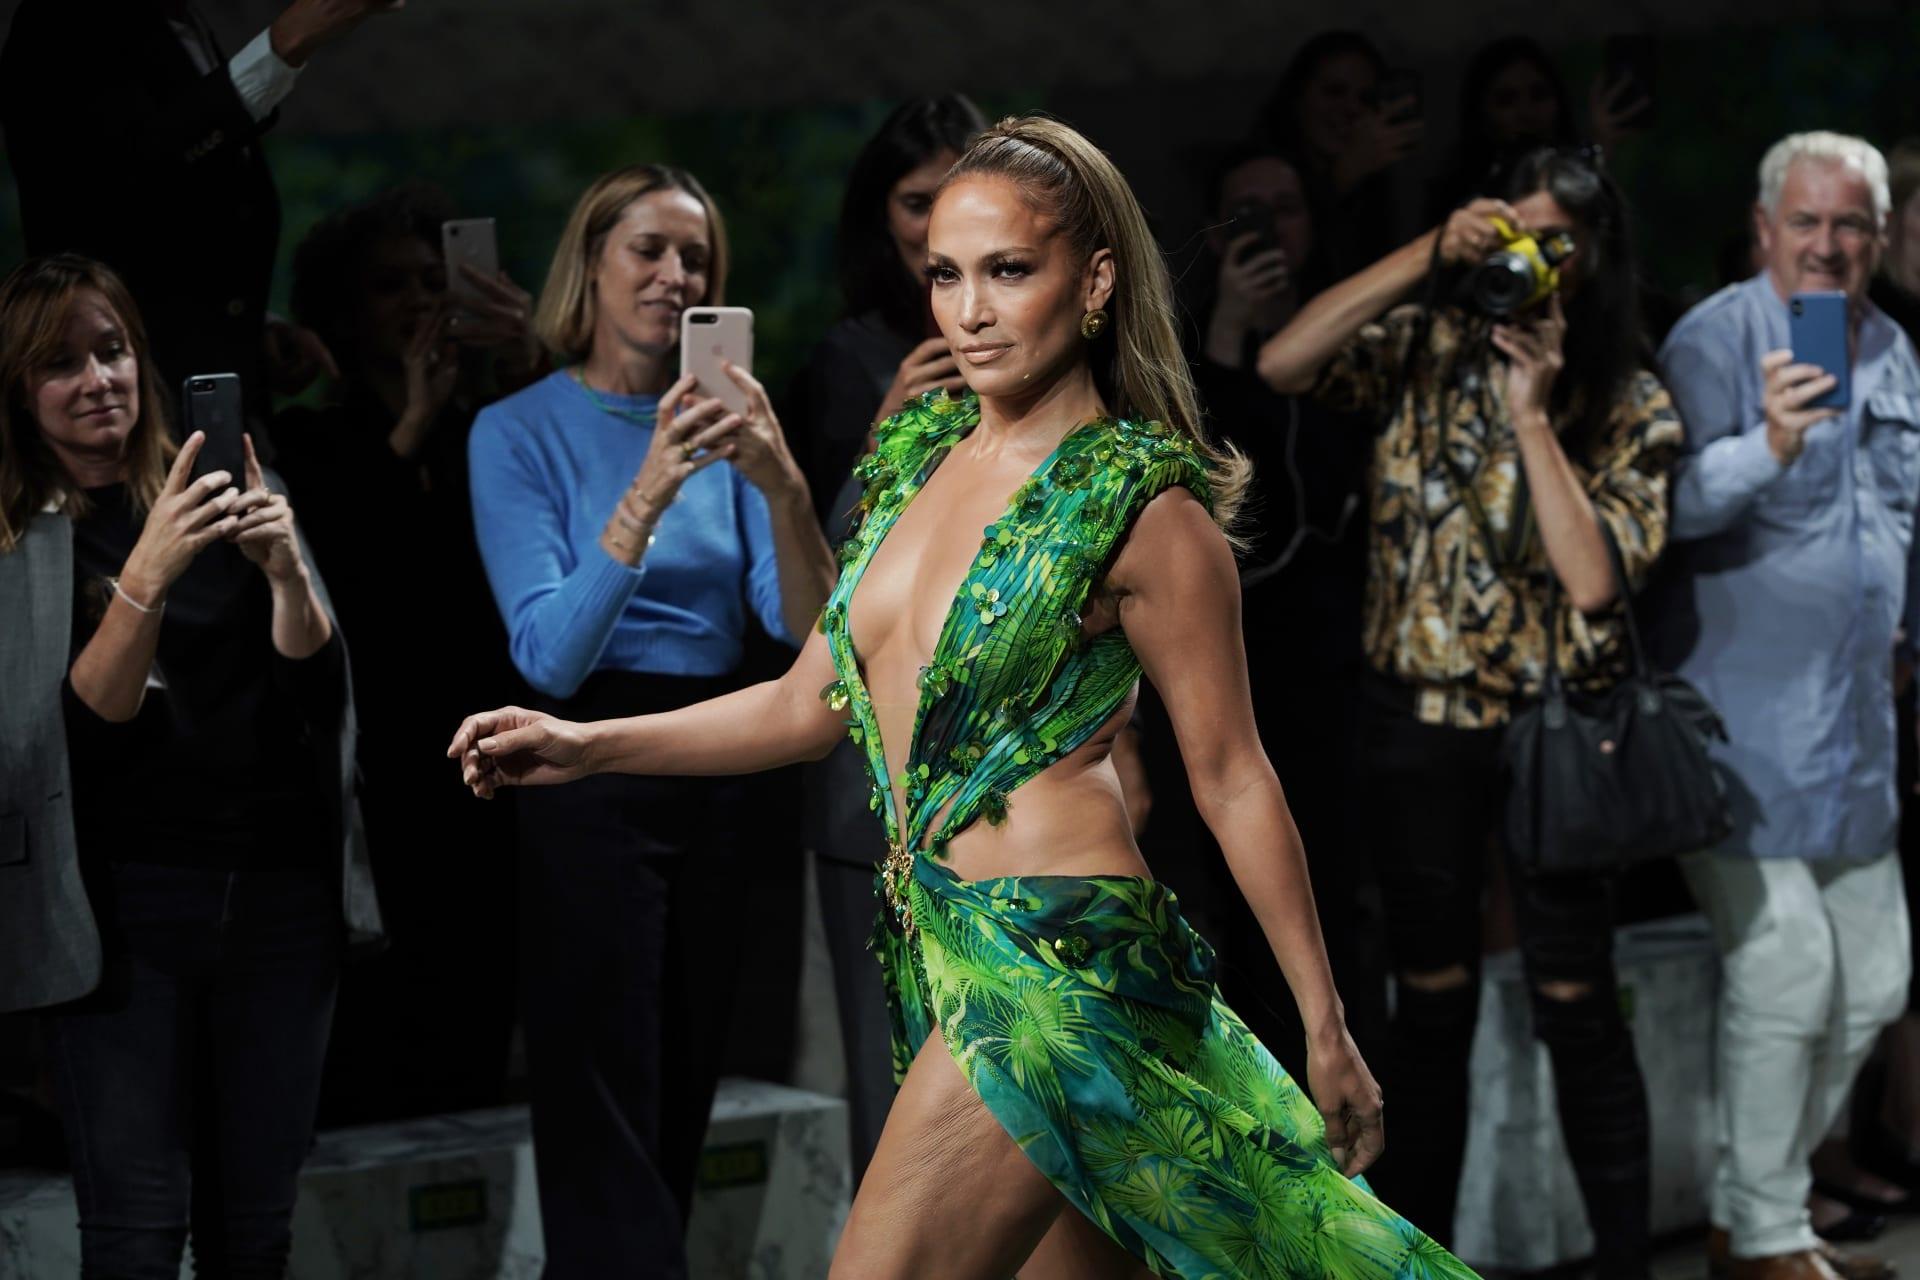 بعمر الخمسين.. جنيفر لوبيز تسحر الحضور بنسخة جديدة من فستان أثار ضجة قبل 20 عام